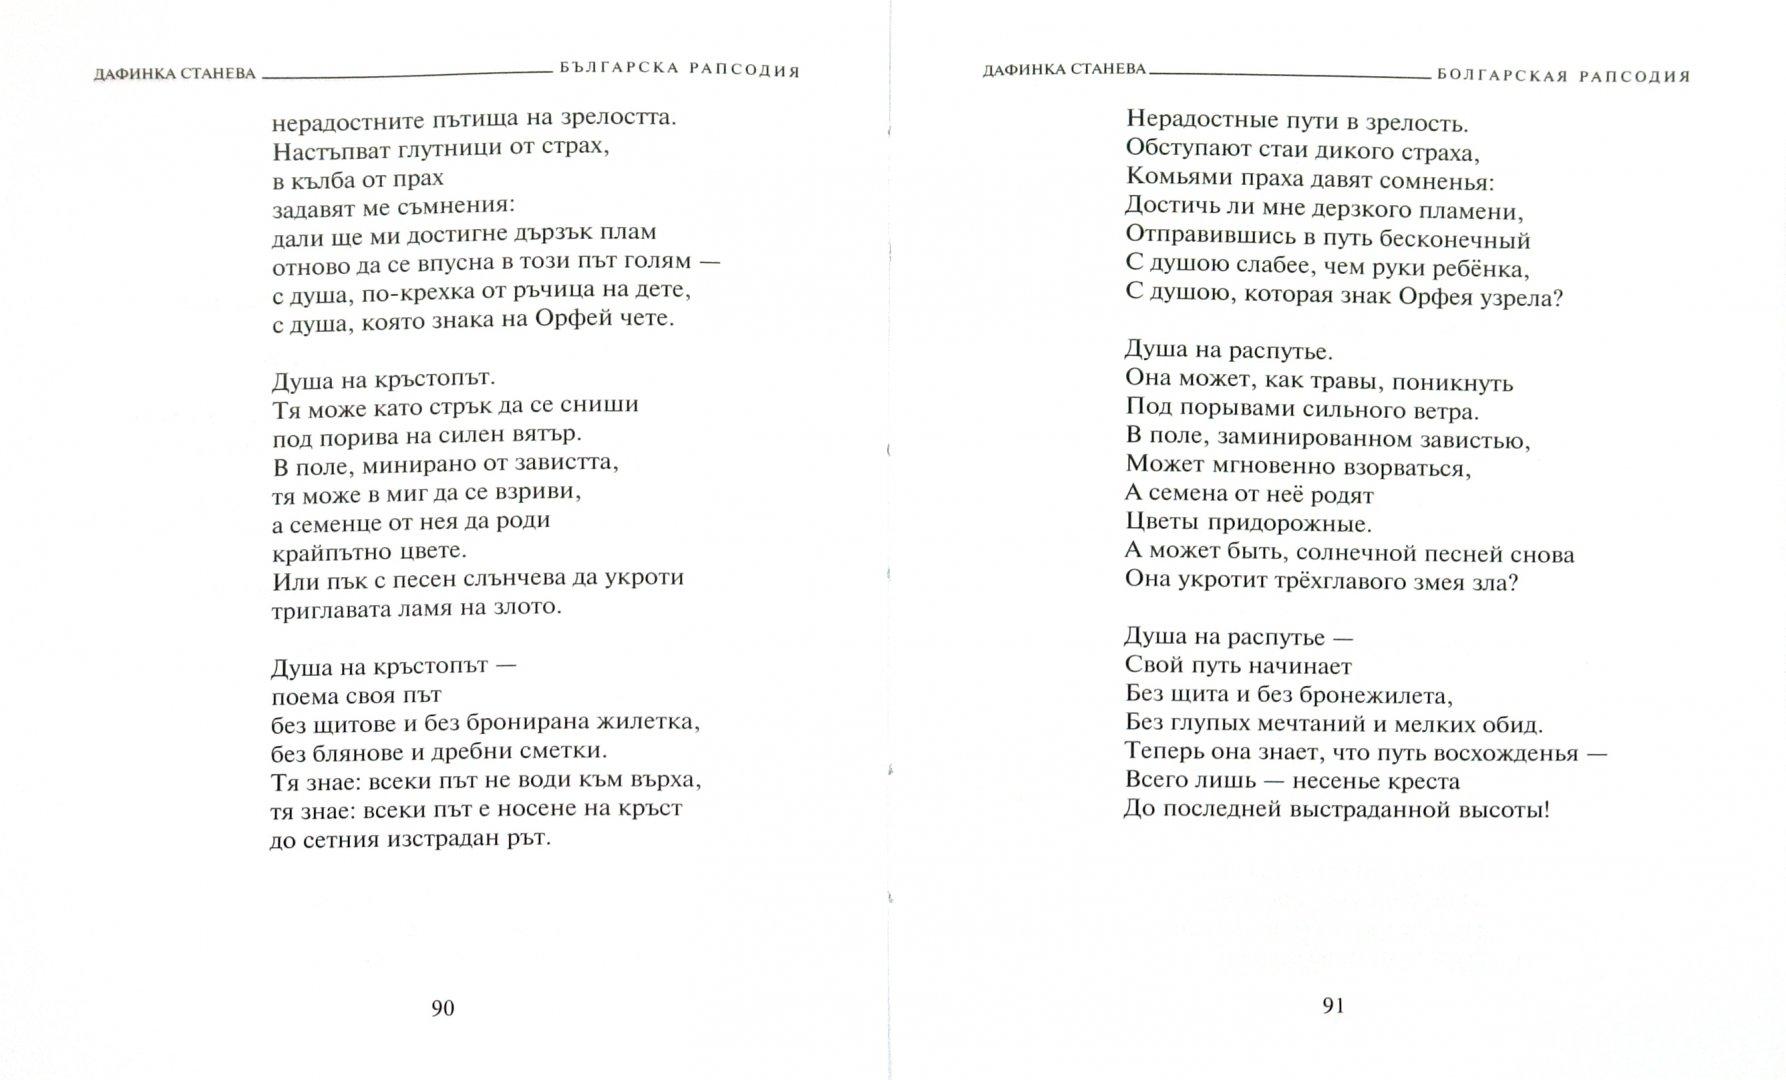 Иллюстрация 1 из 12 для Болгарская рапсодия - Дафинка Станаева | Лабиринт - книги. Источник: Лабиринт